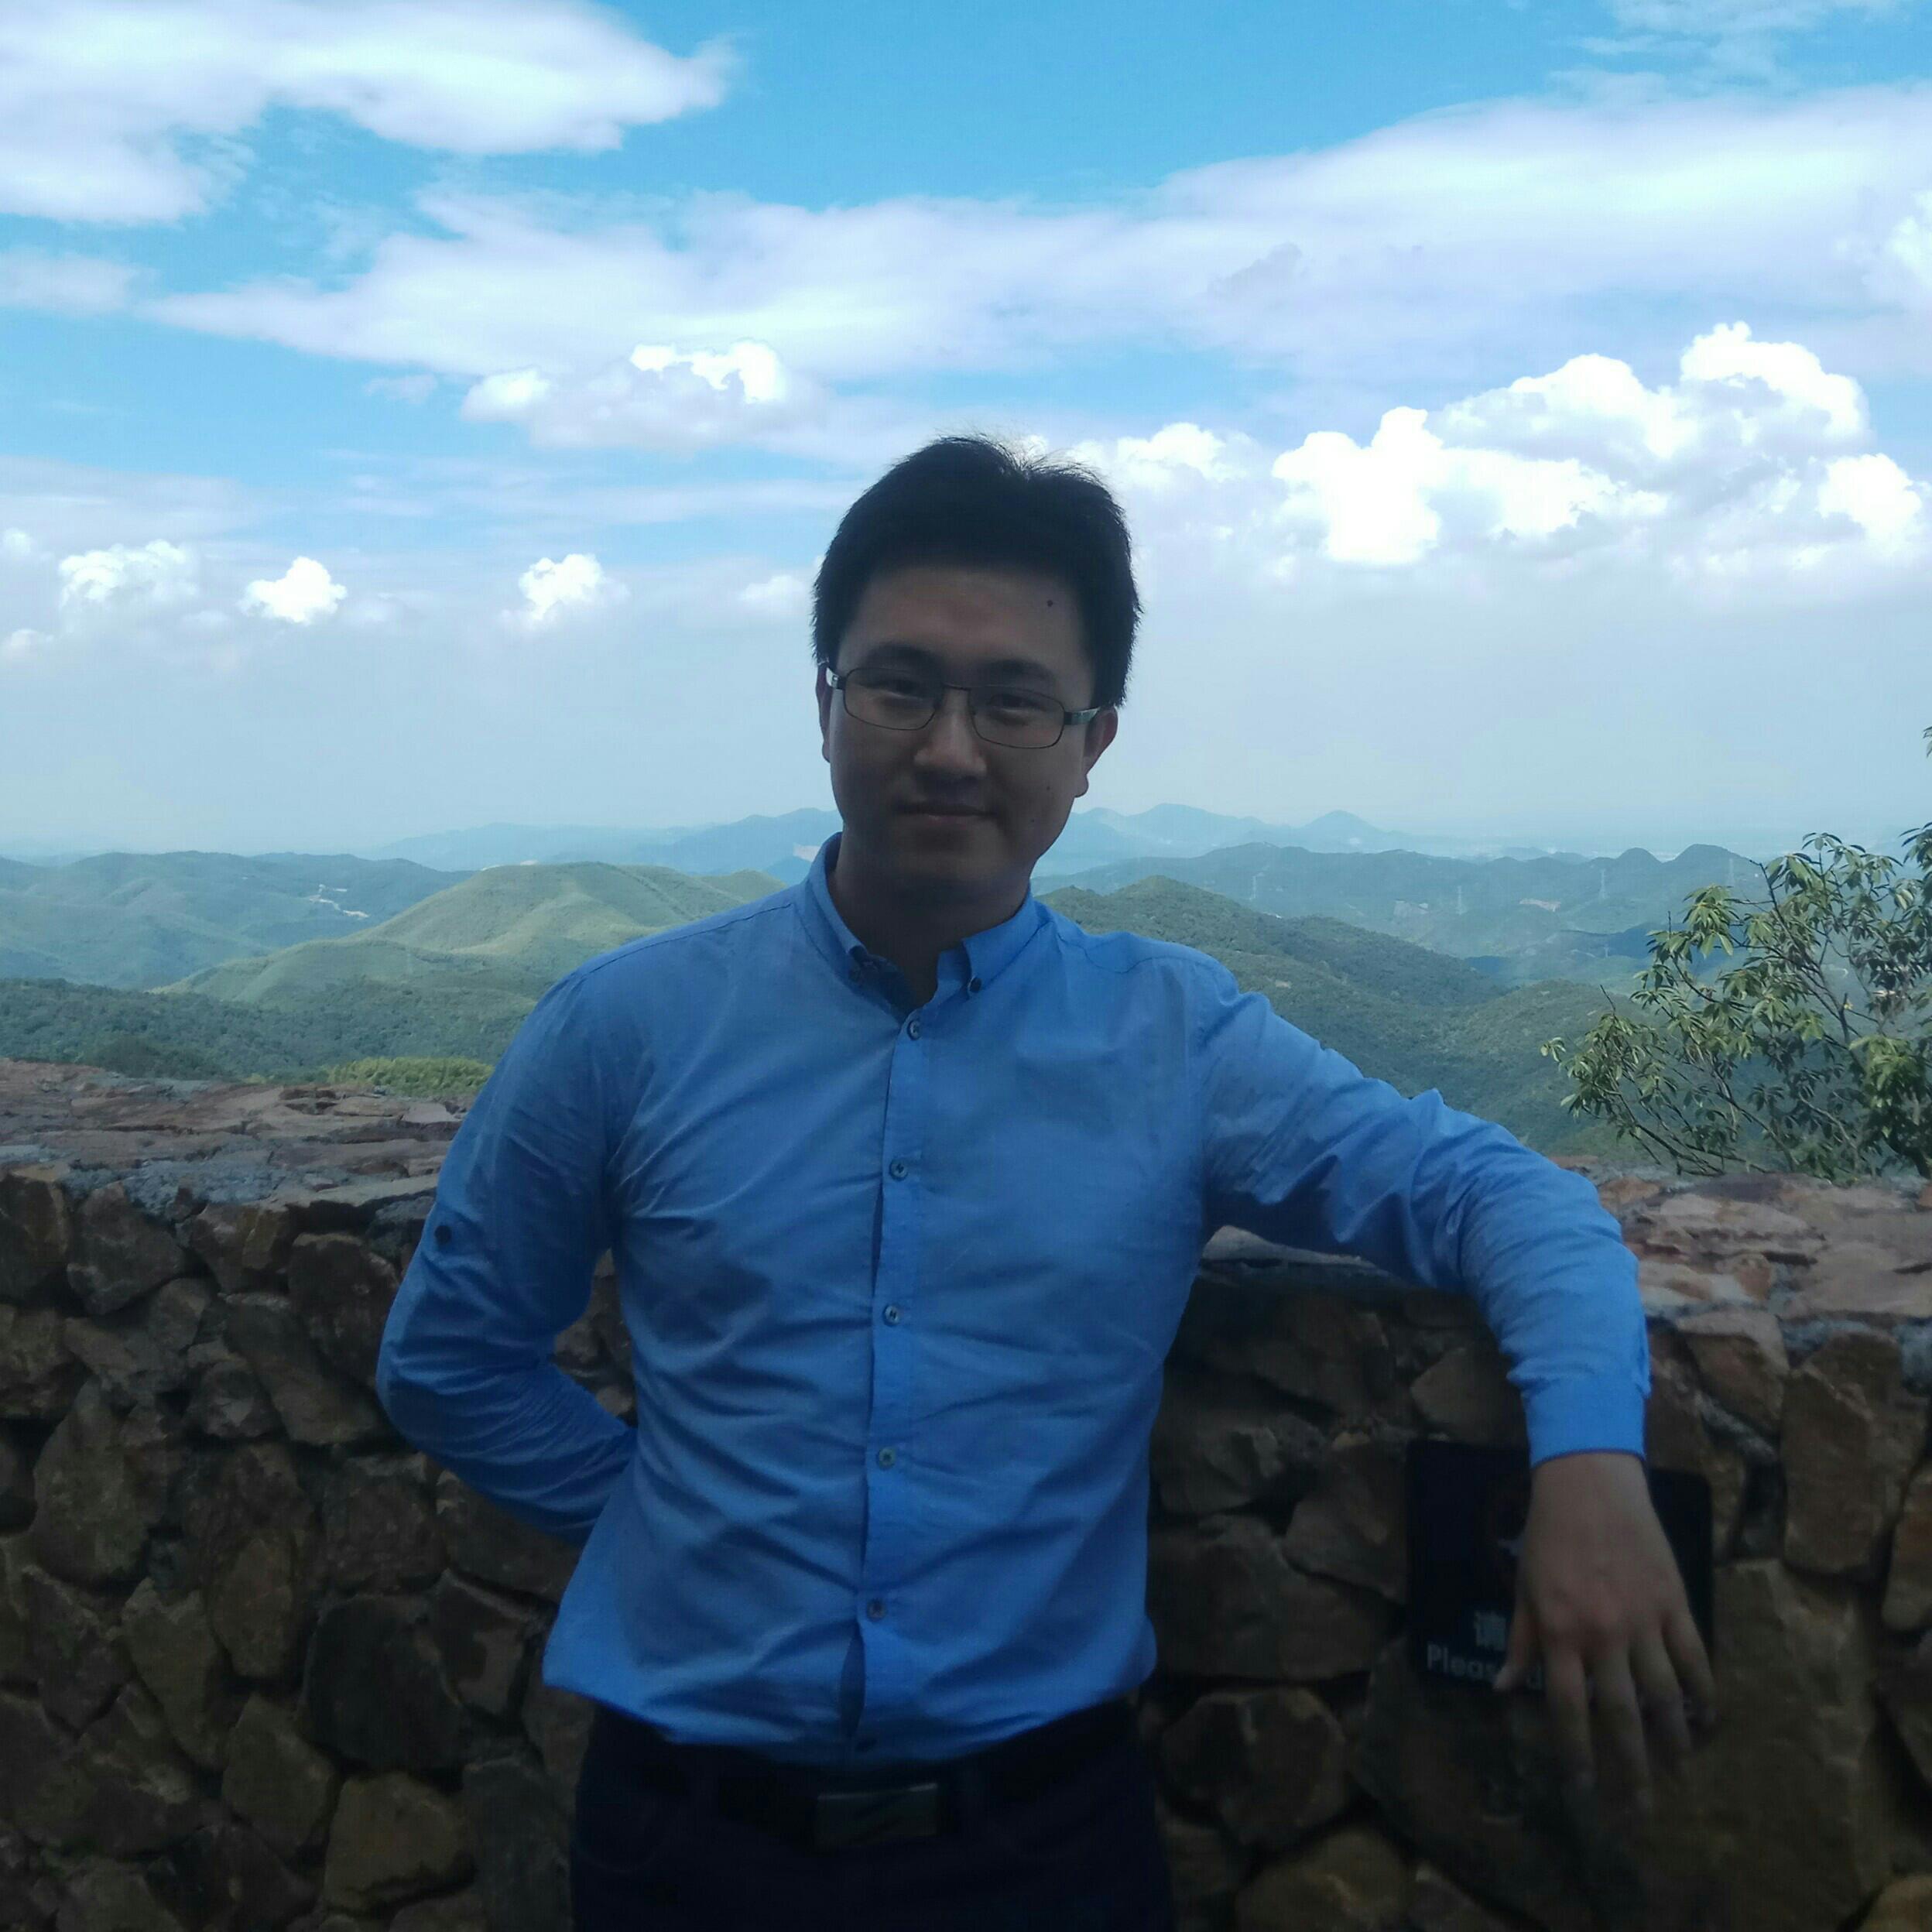 建银国际产业基金管理有限公司副总李彤文照片